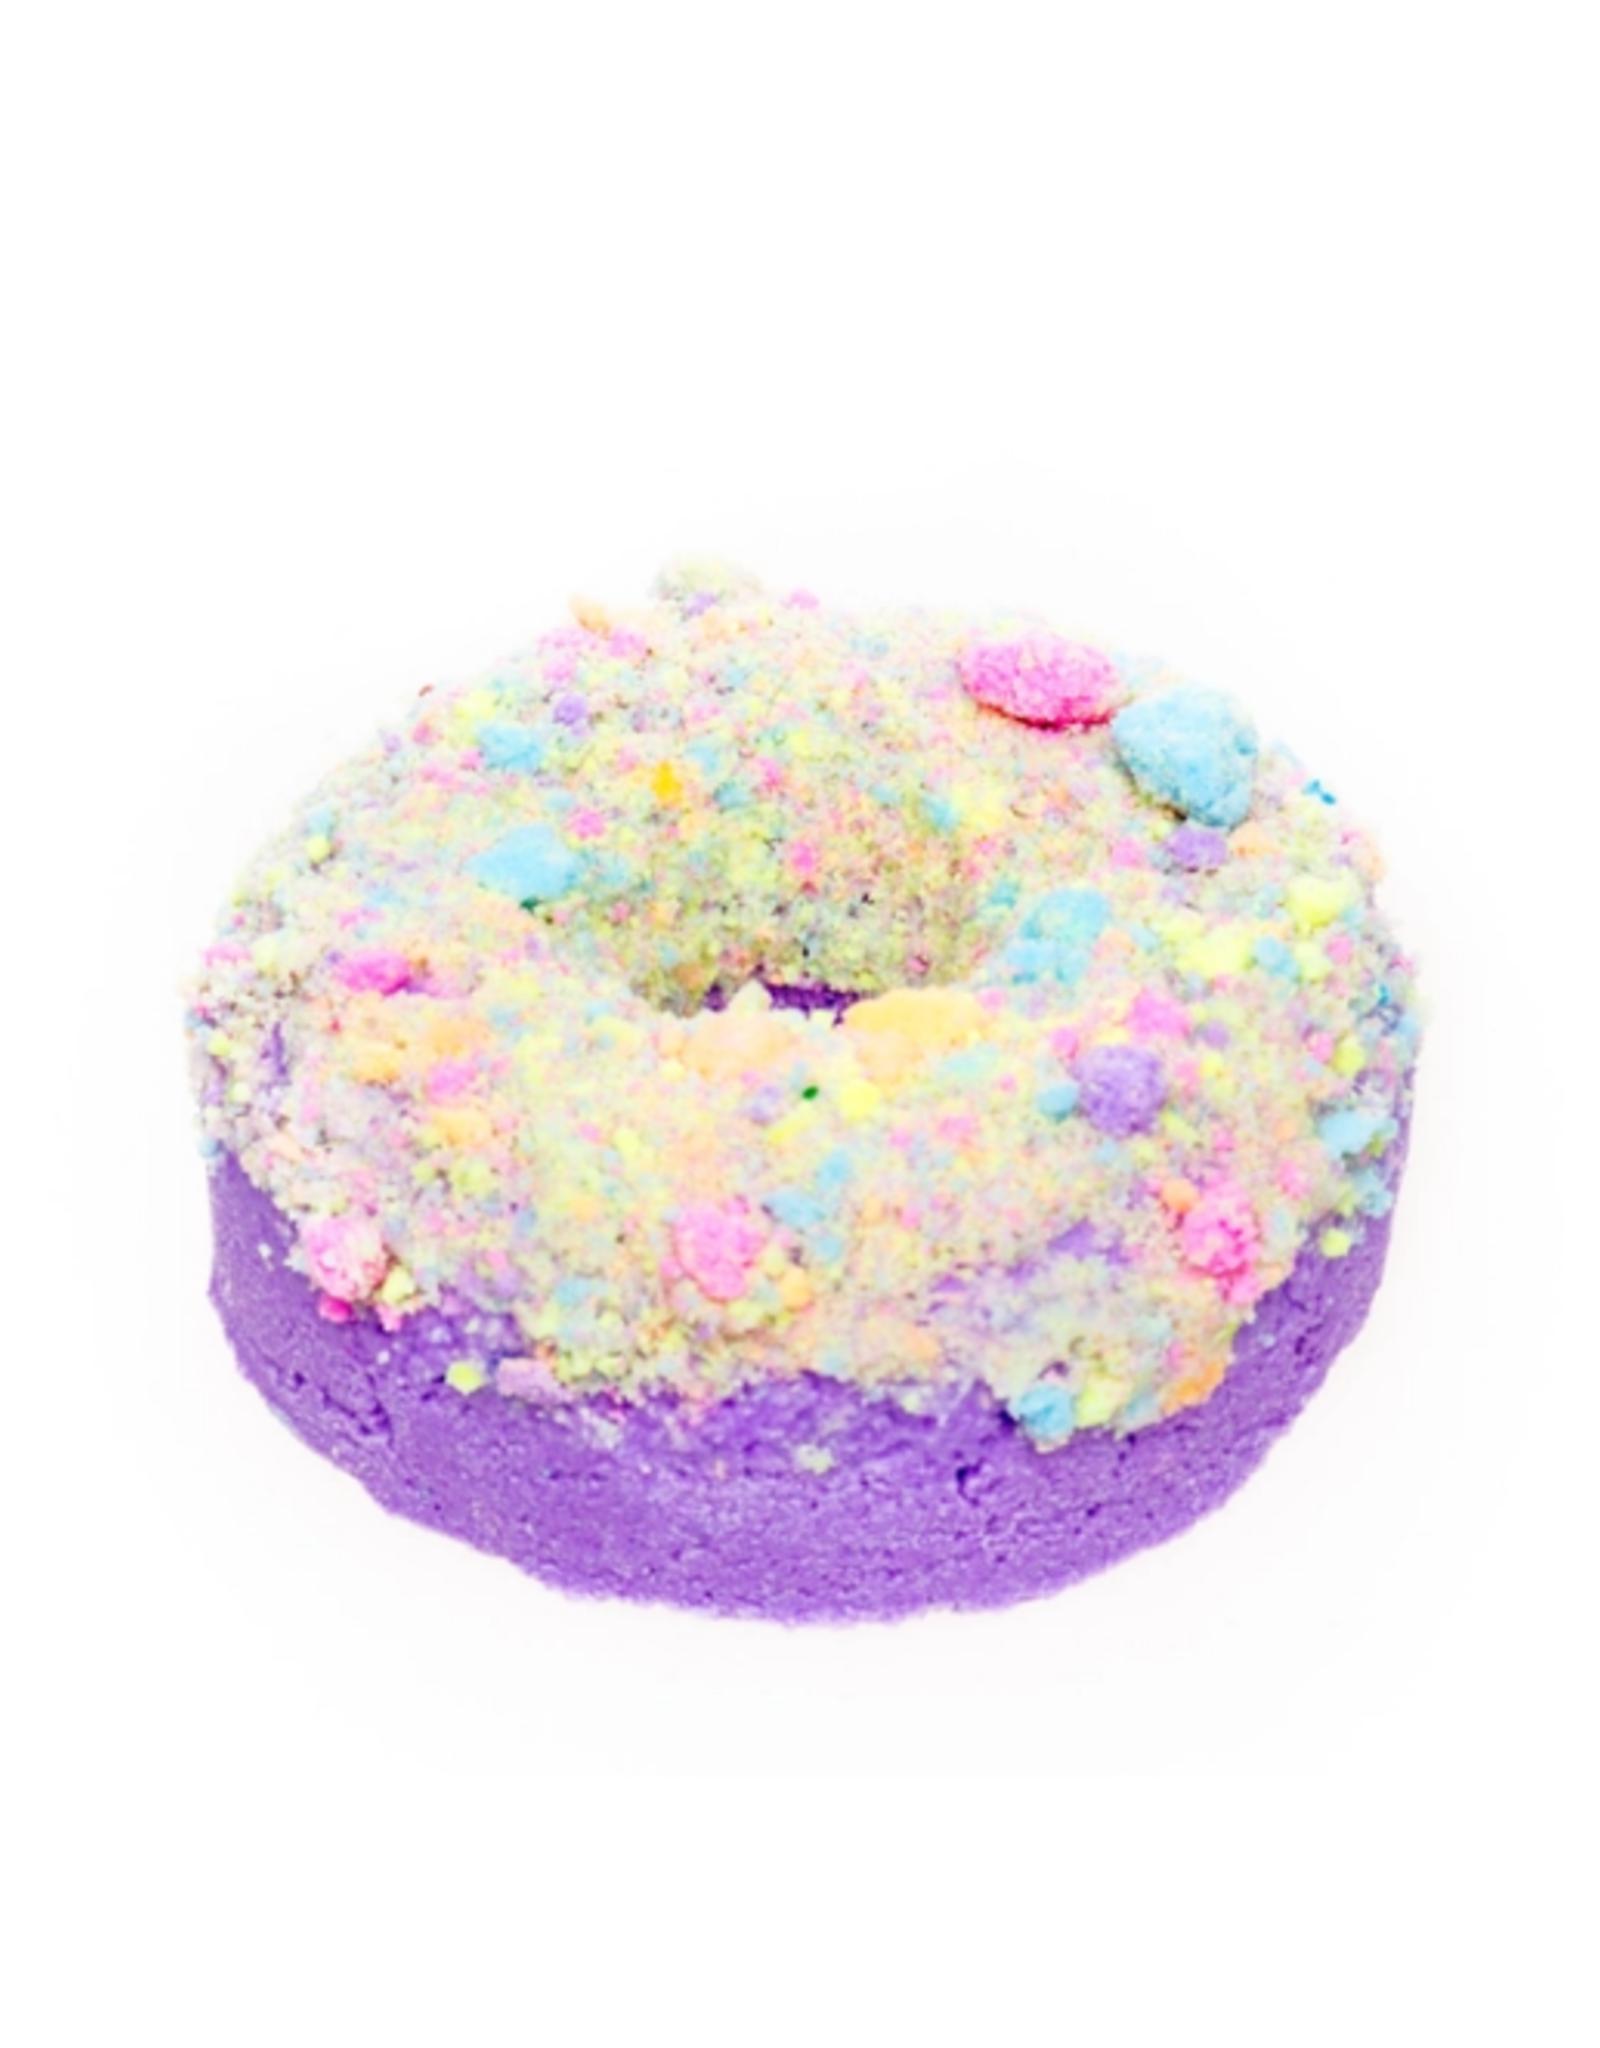 Wink Fizzy Pop Donut Bath Bomb